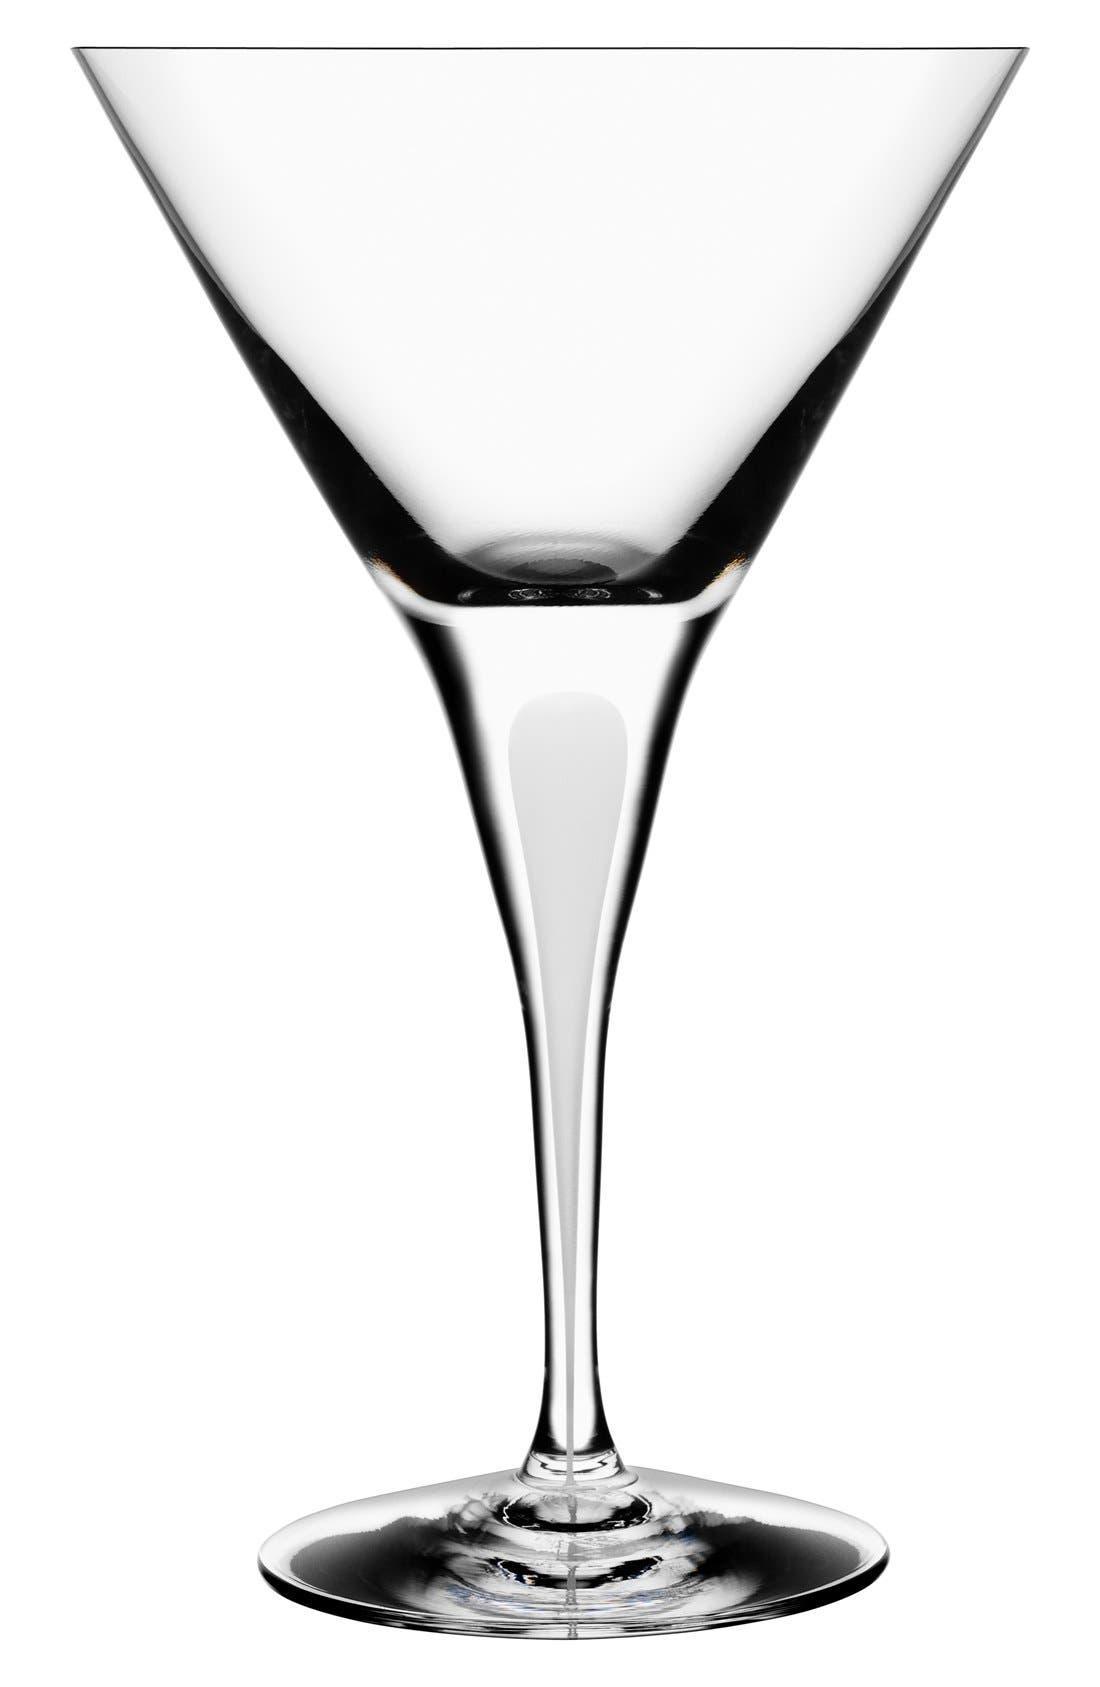 ORREFORS 'Intermezzo' Martini Glass